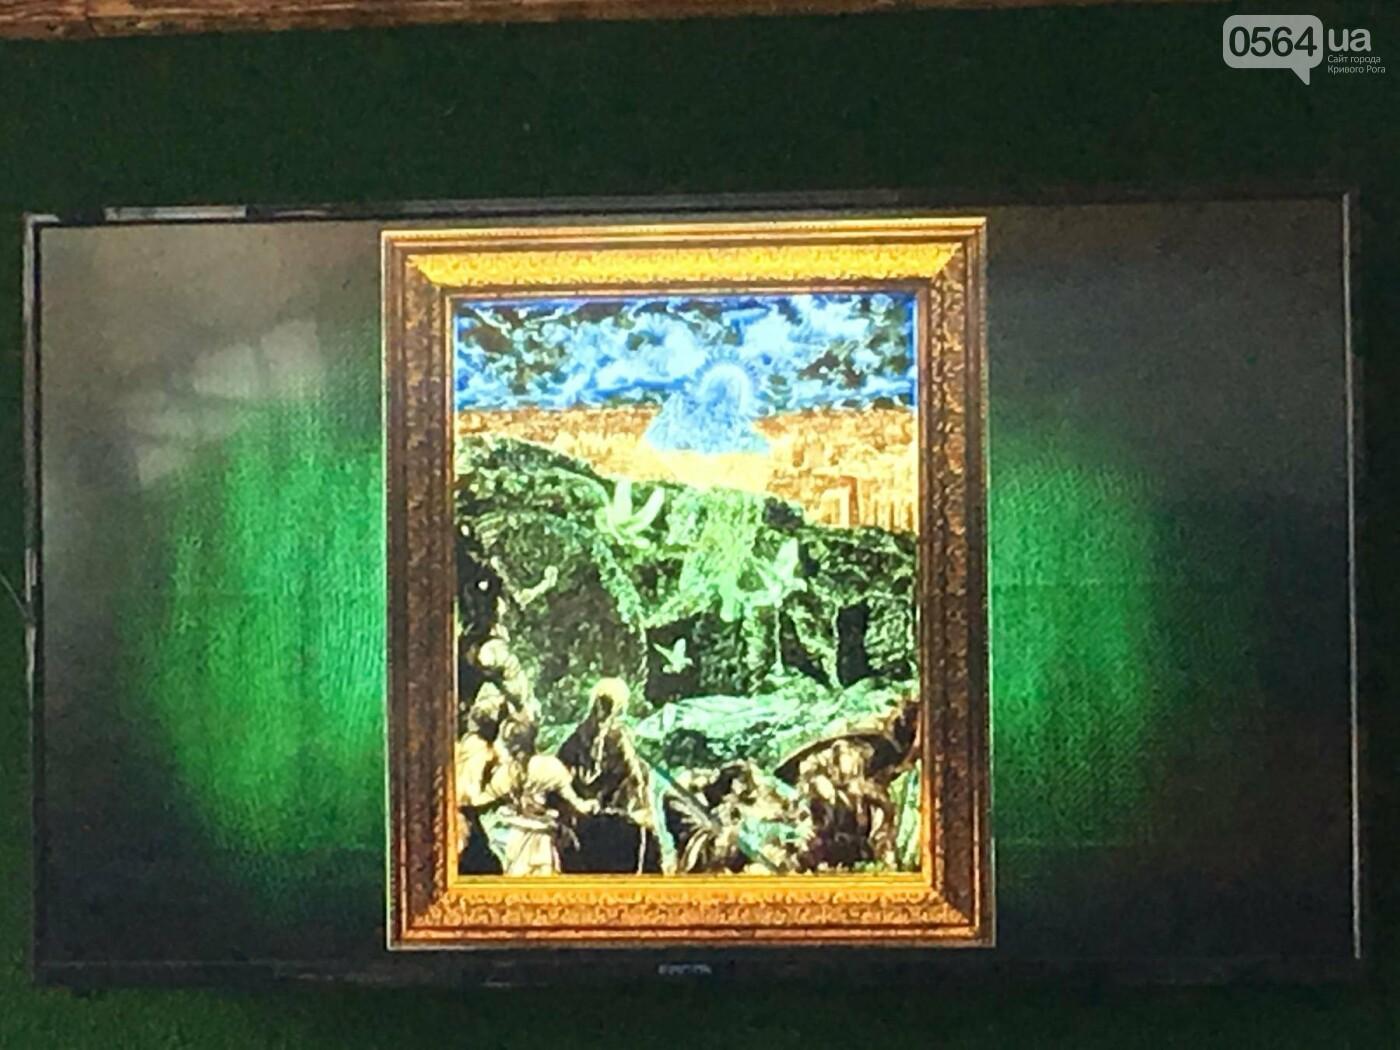 """Перед отправкой в Европу криворожанам презентовали картины """"Тайная вечеря"""" и """"Рыцарь, смерть и дьявол"""", - ФОТО, ВИДЕО, фото-19"""